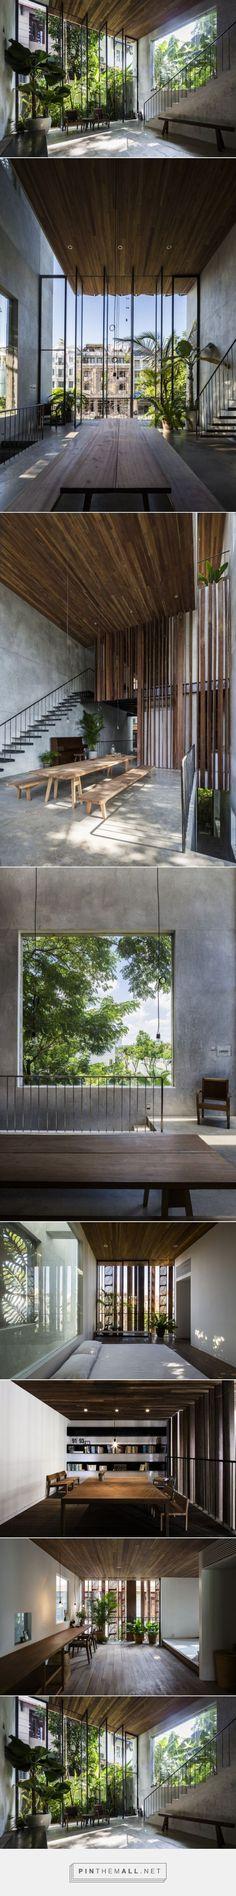 Vooral die tafel is scheun Architecture Antique, Architecture Design, Architecture Renovation, Tropical Architecture, Residential Architecture, Architecture Company, Architecture Interiors, Modern Interiors, Interior Exterior